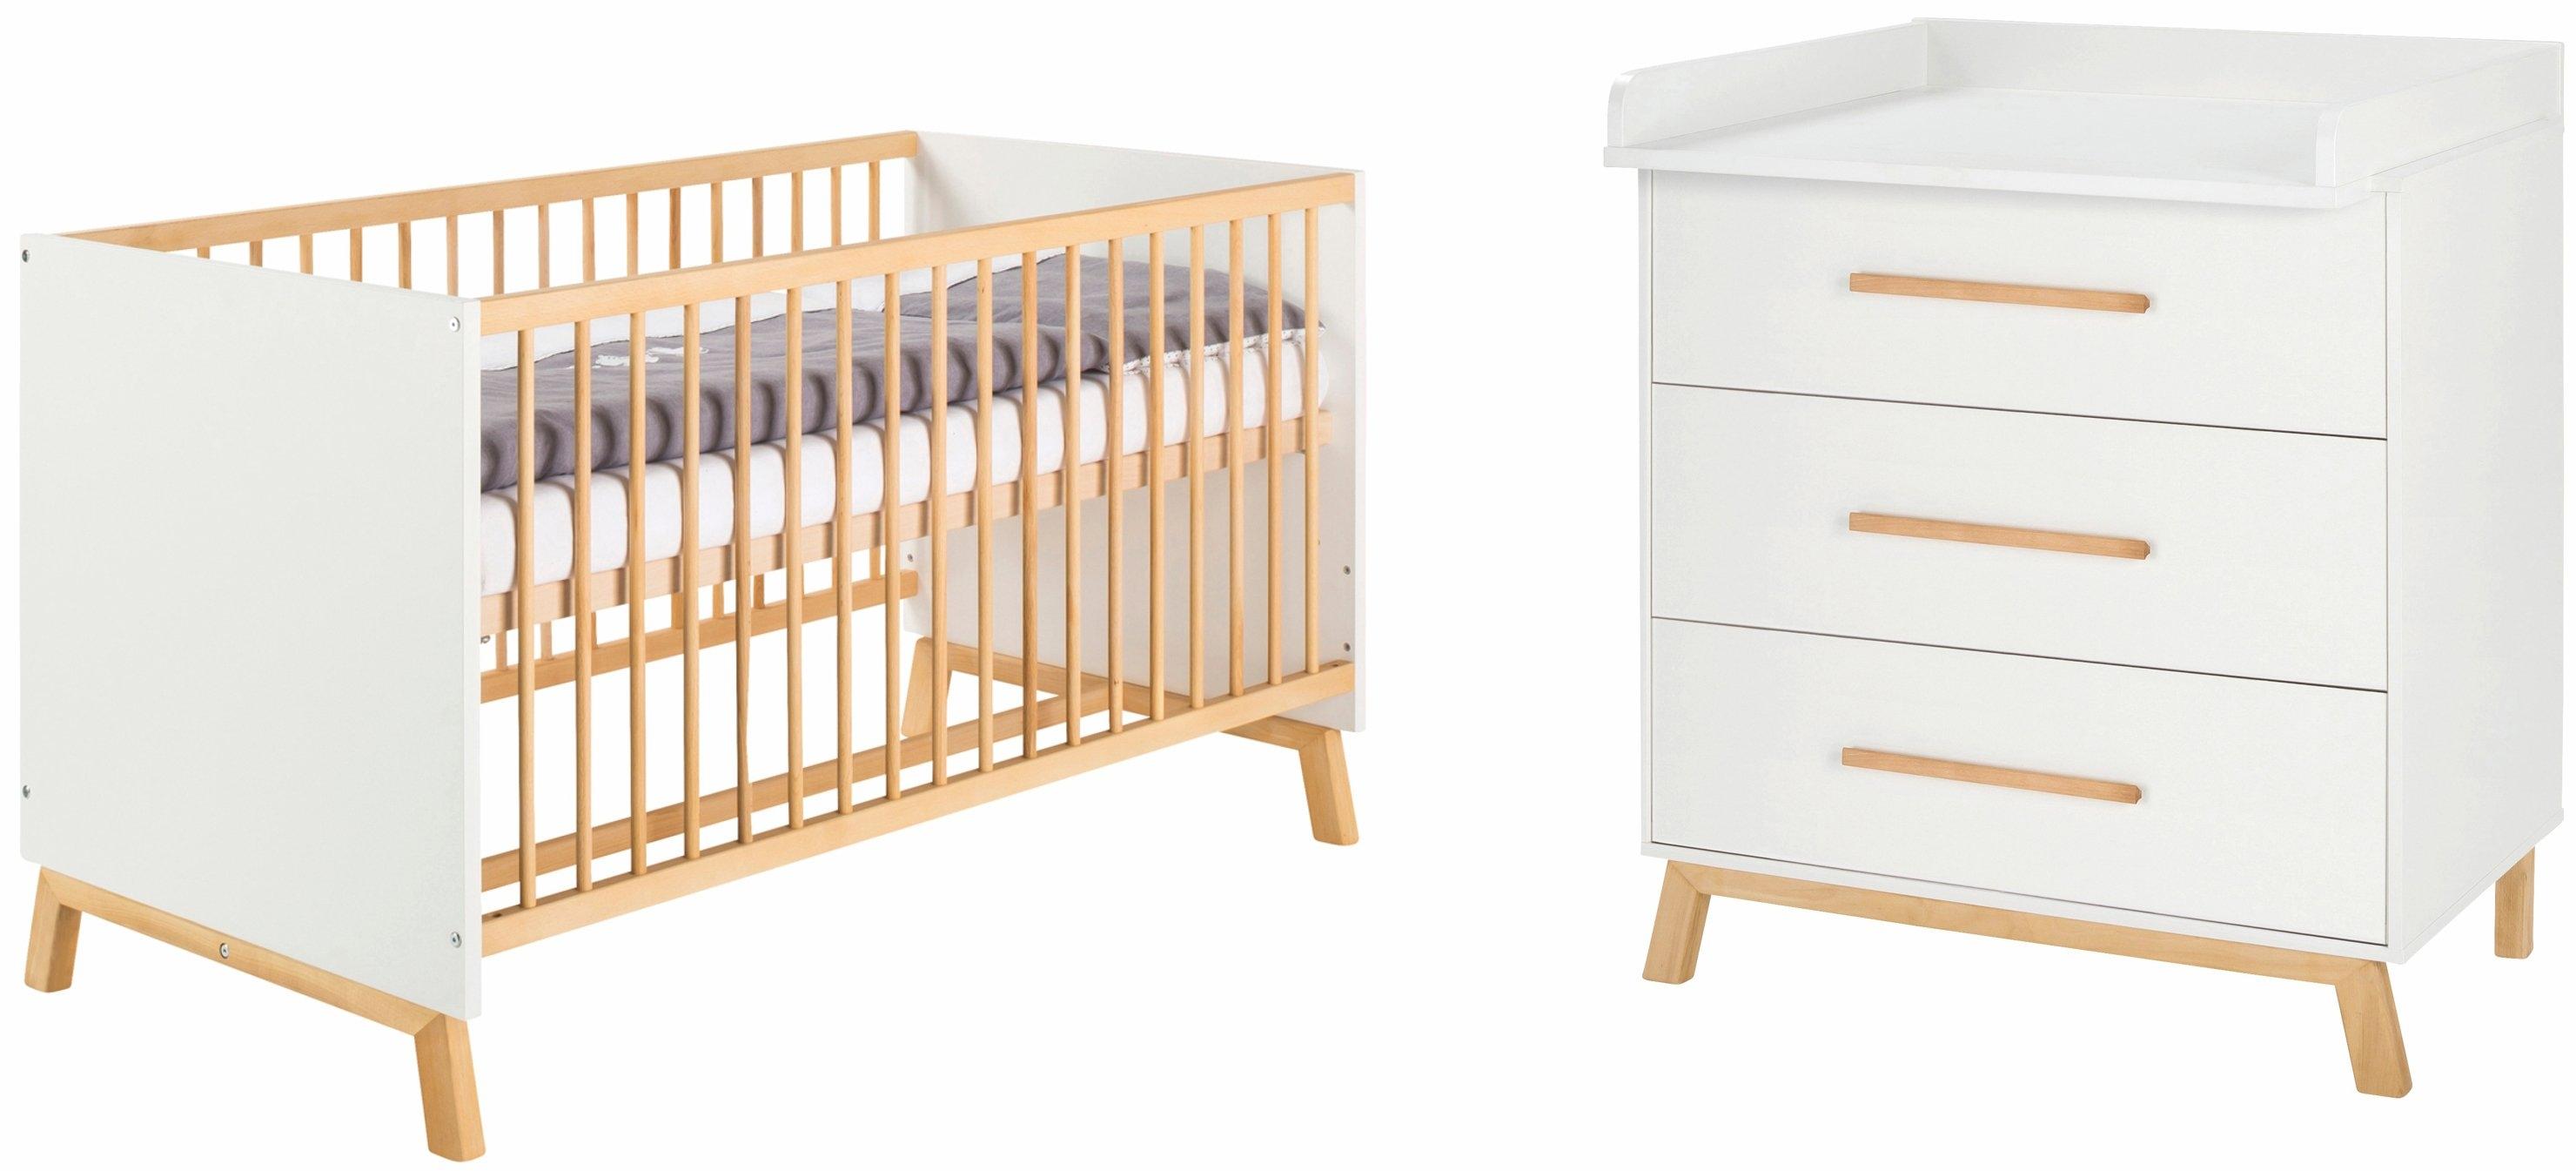 Schardt babymeubelset Sienna White met kinderbed en commode; made in germany (voordeelset, 2 stuks) nu online kopen bij OTTO